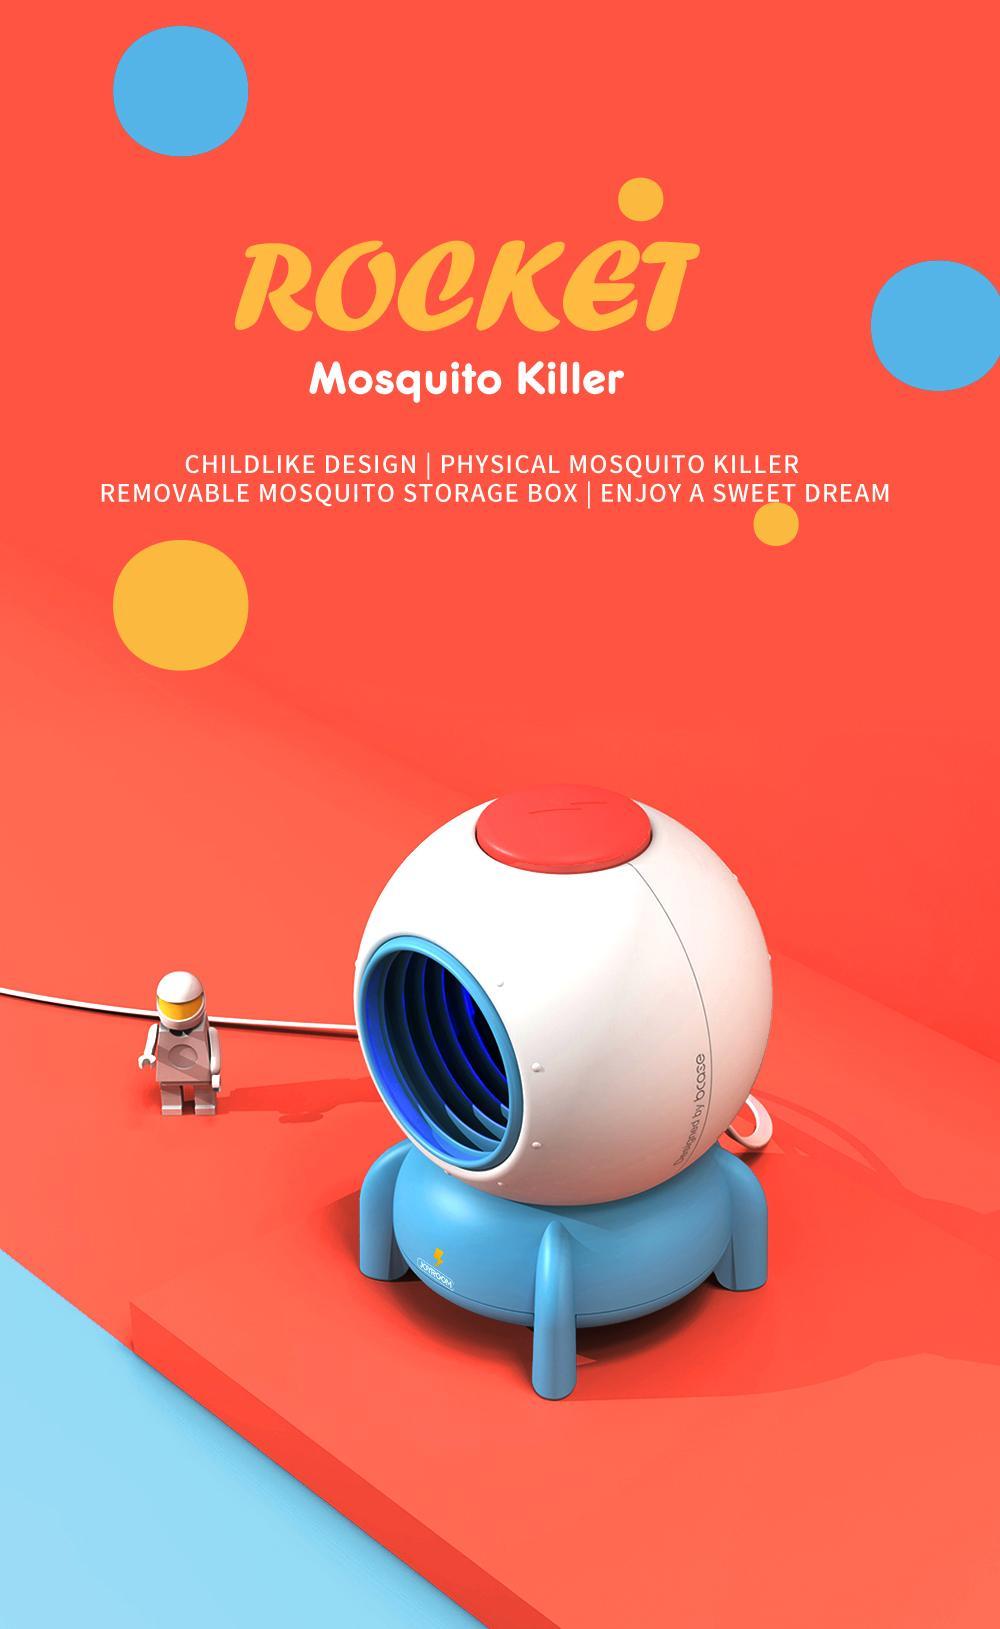 JOYROOM JR-CY271 Rocket Mosquito Killer